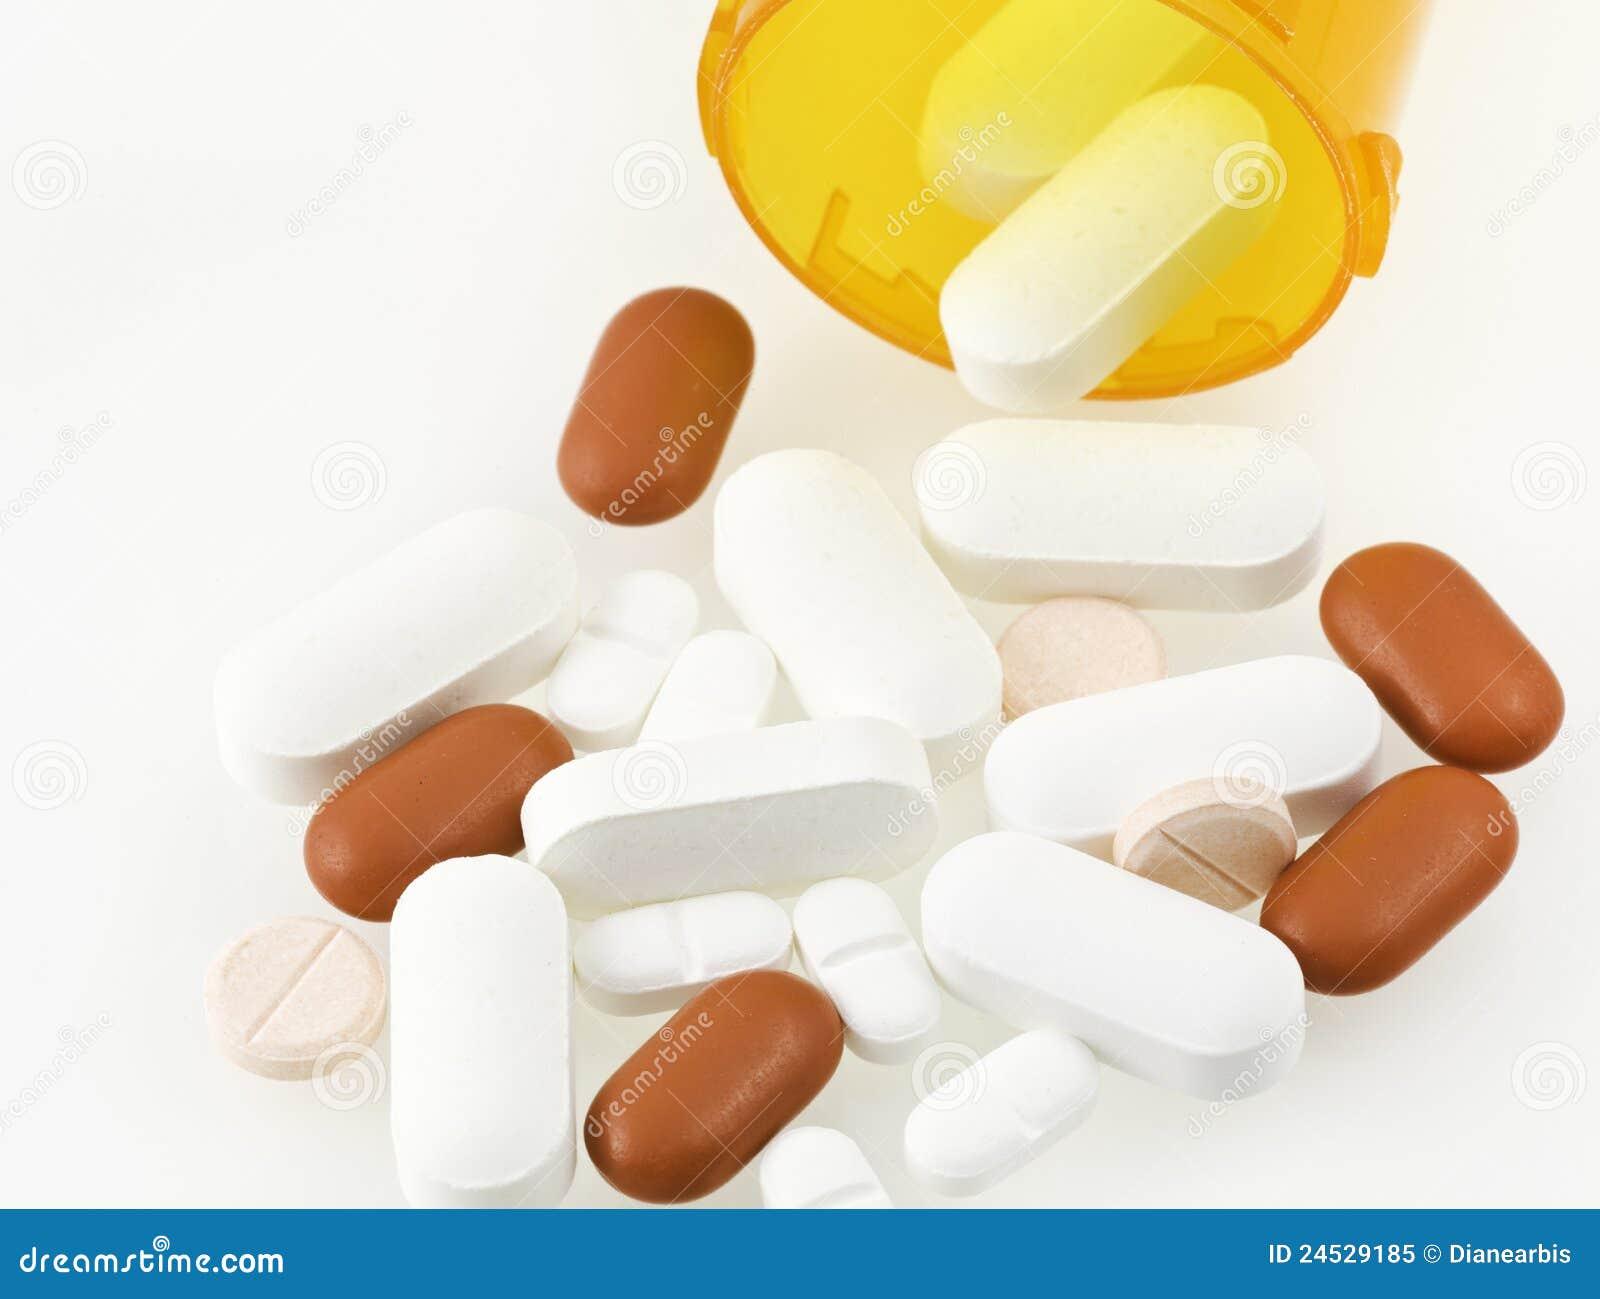 Prescription drugs a z index